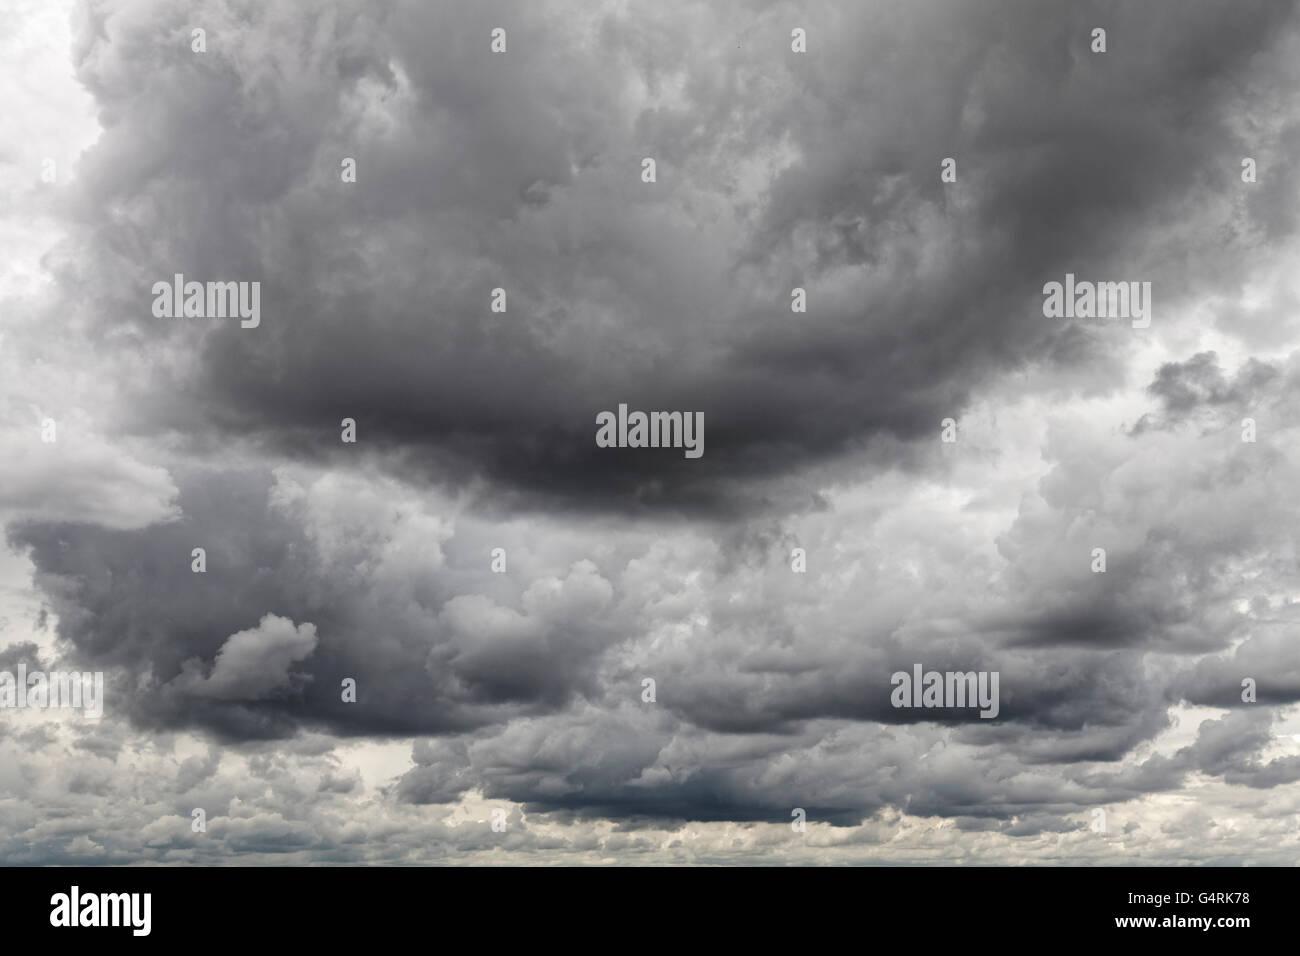 Dramatischer Wolkenhimmel mit schweren Regenwolken, Wolken am Himmel, Nürnberg, Bayern, Deutschland Stockfoto